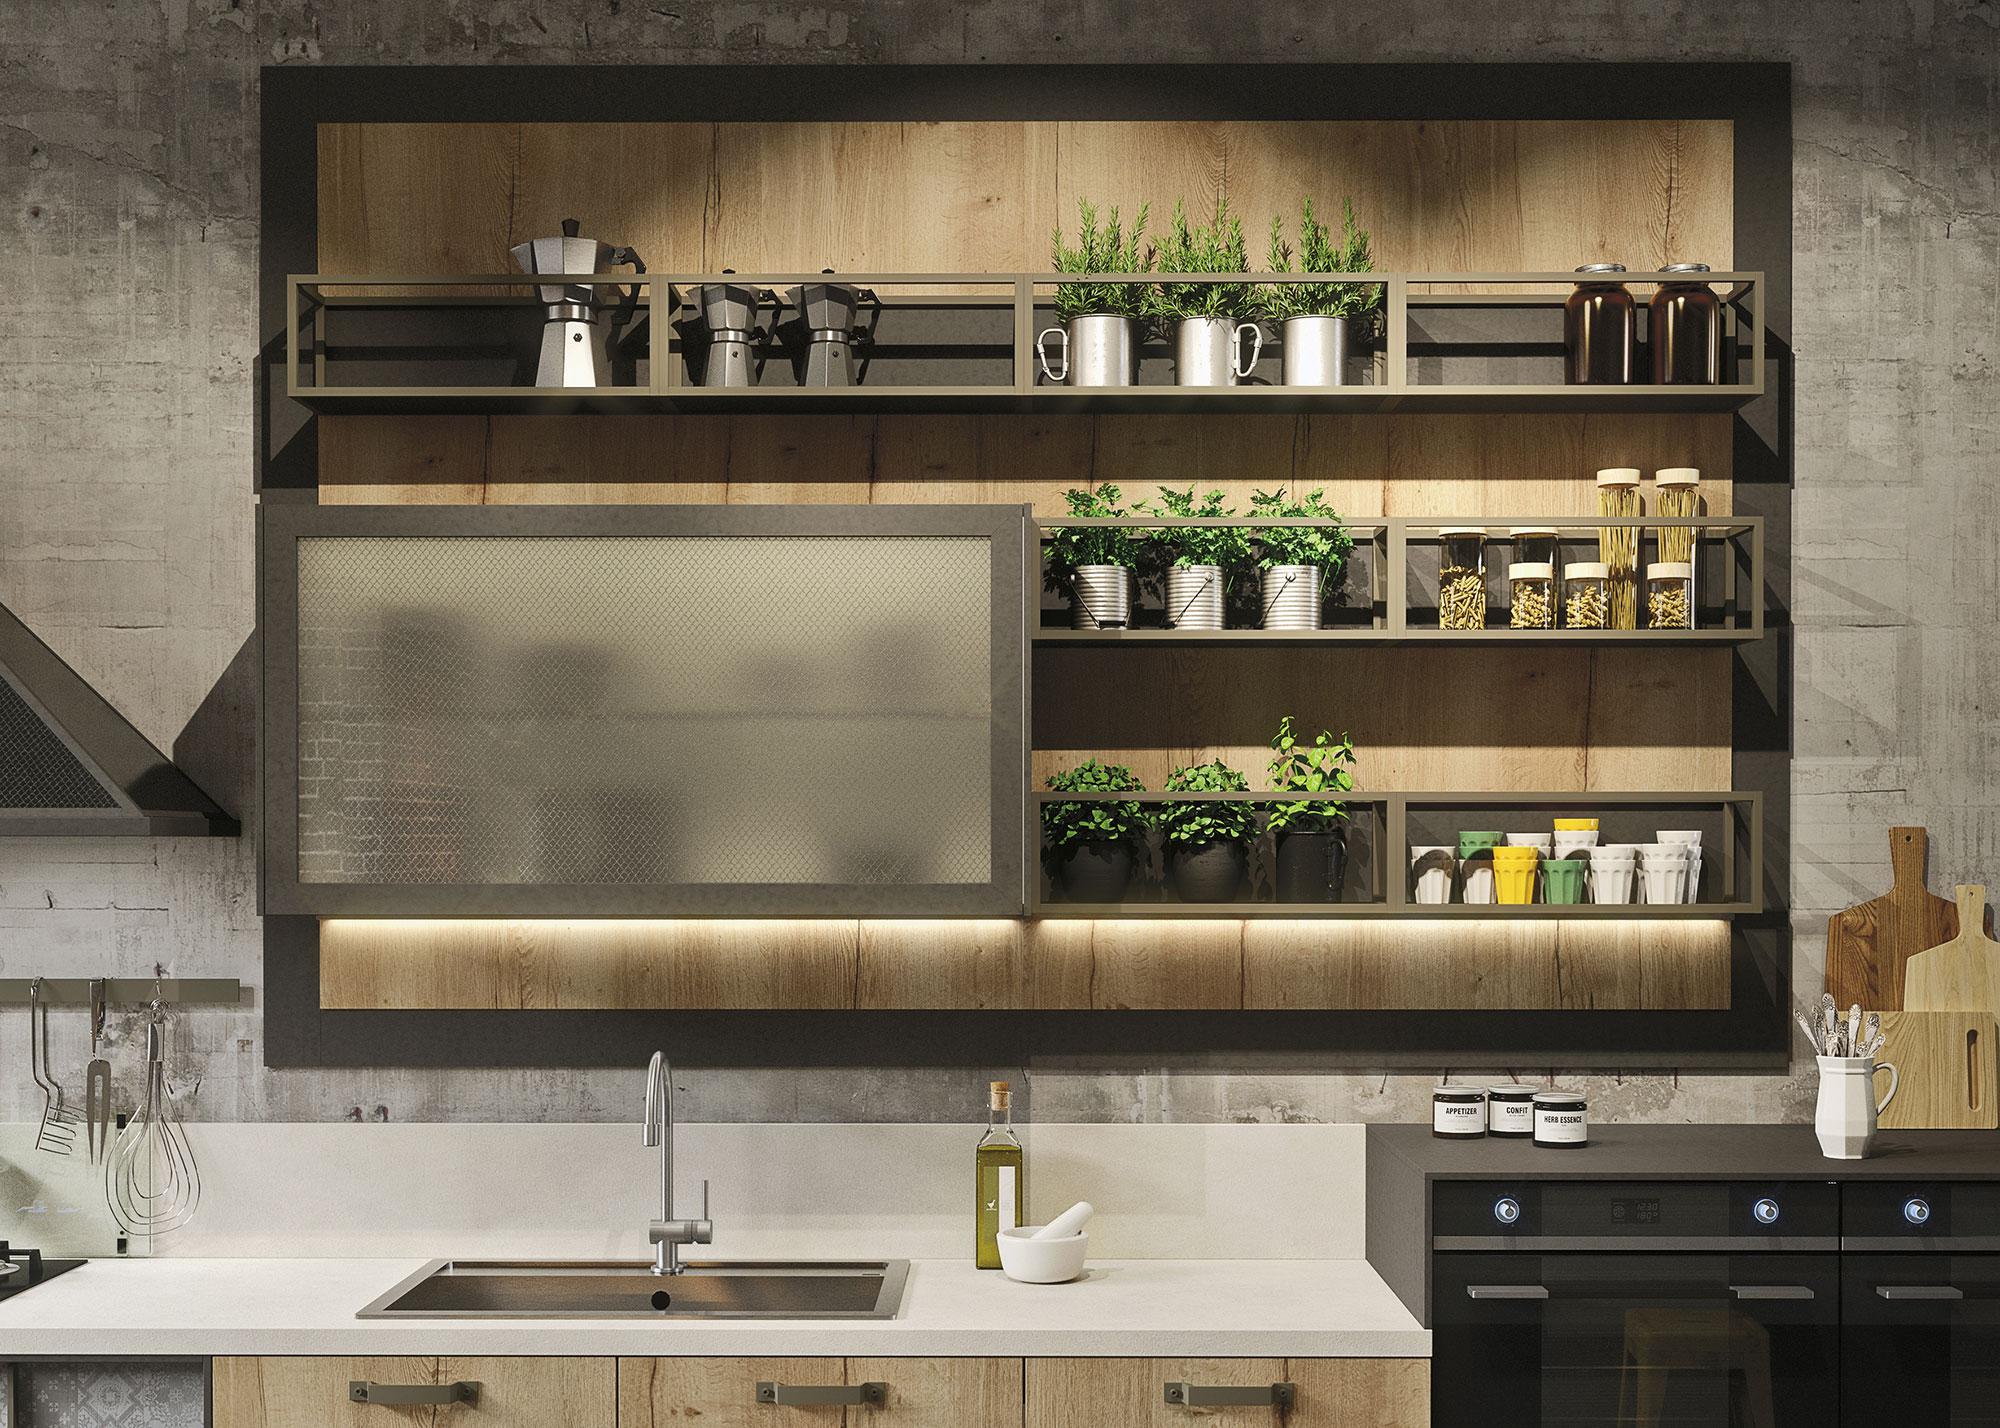 loft - cucina snaidero - centro cucine oltrepo - Cucine Loft